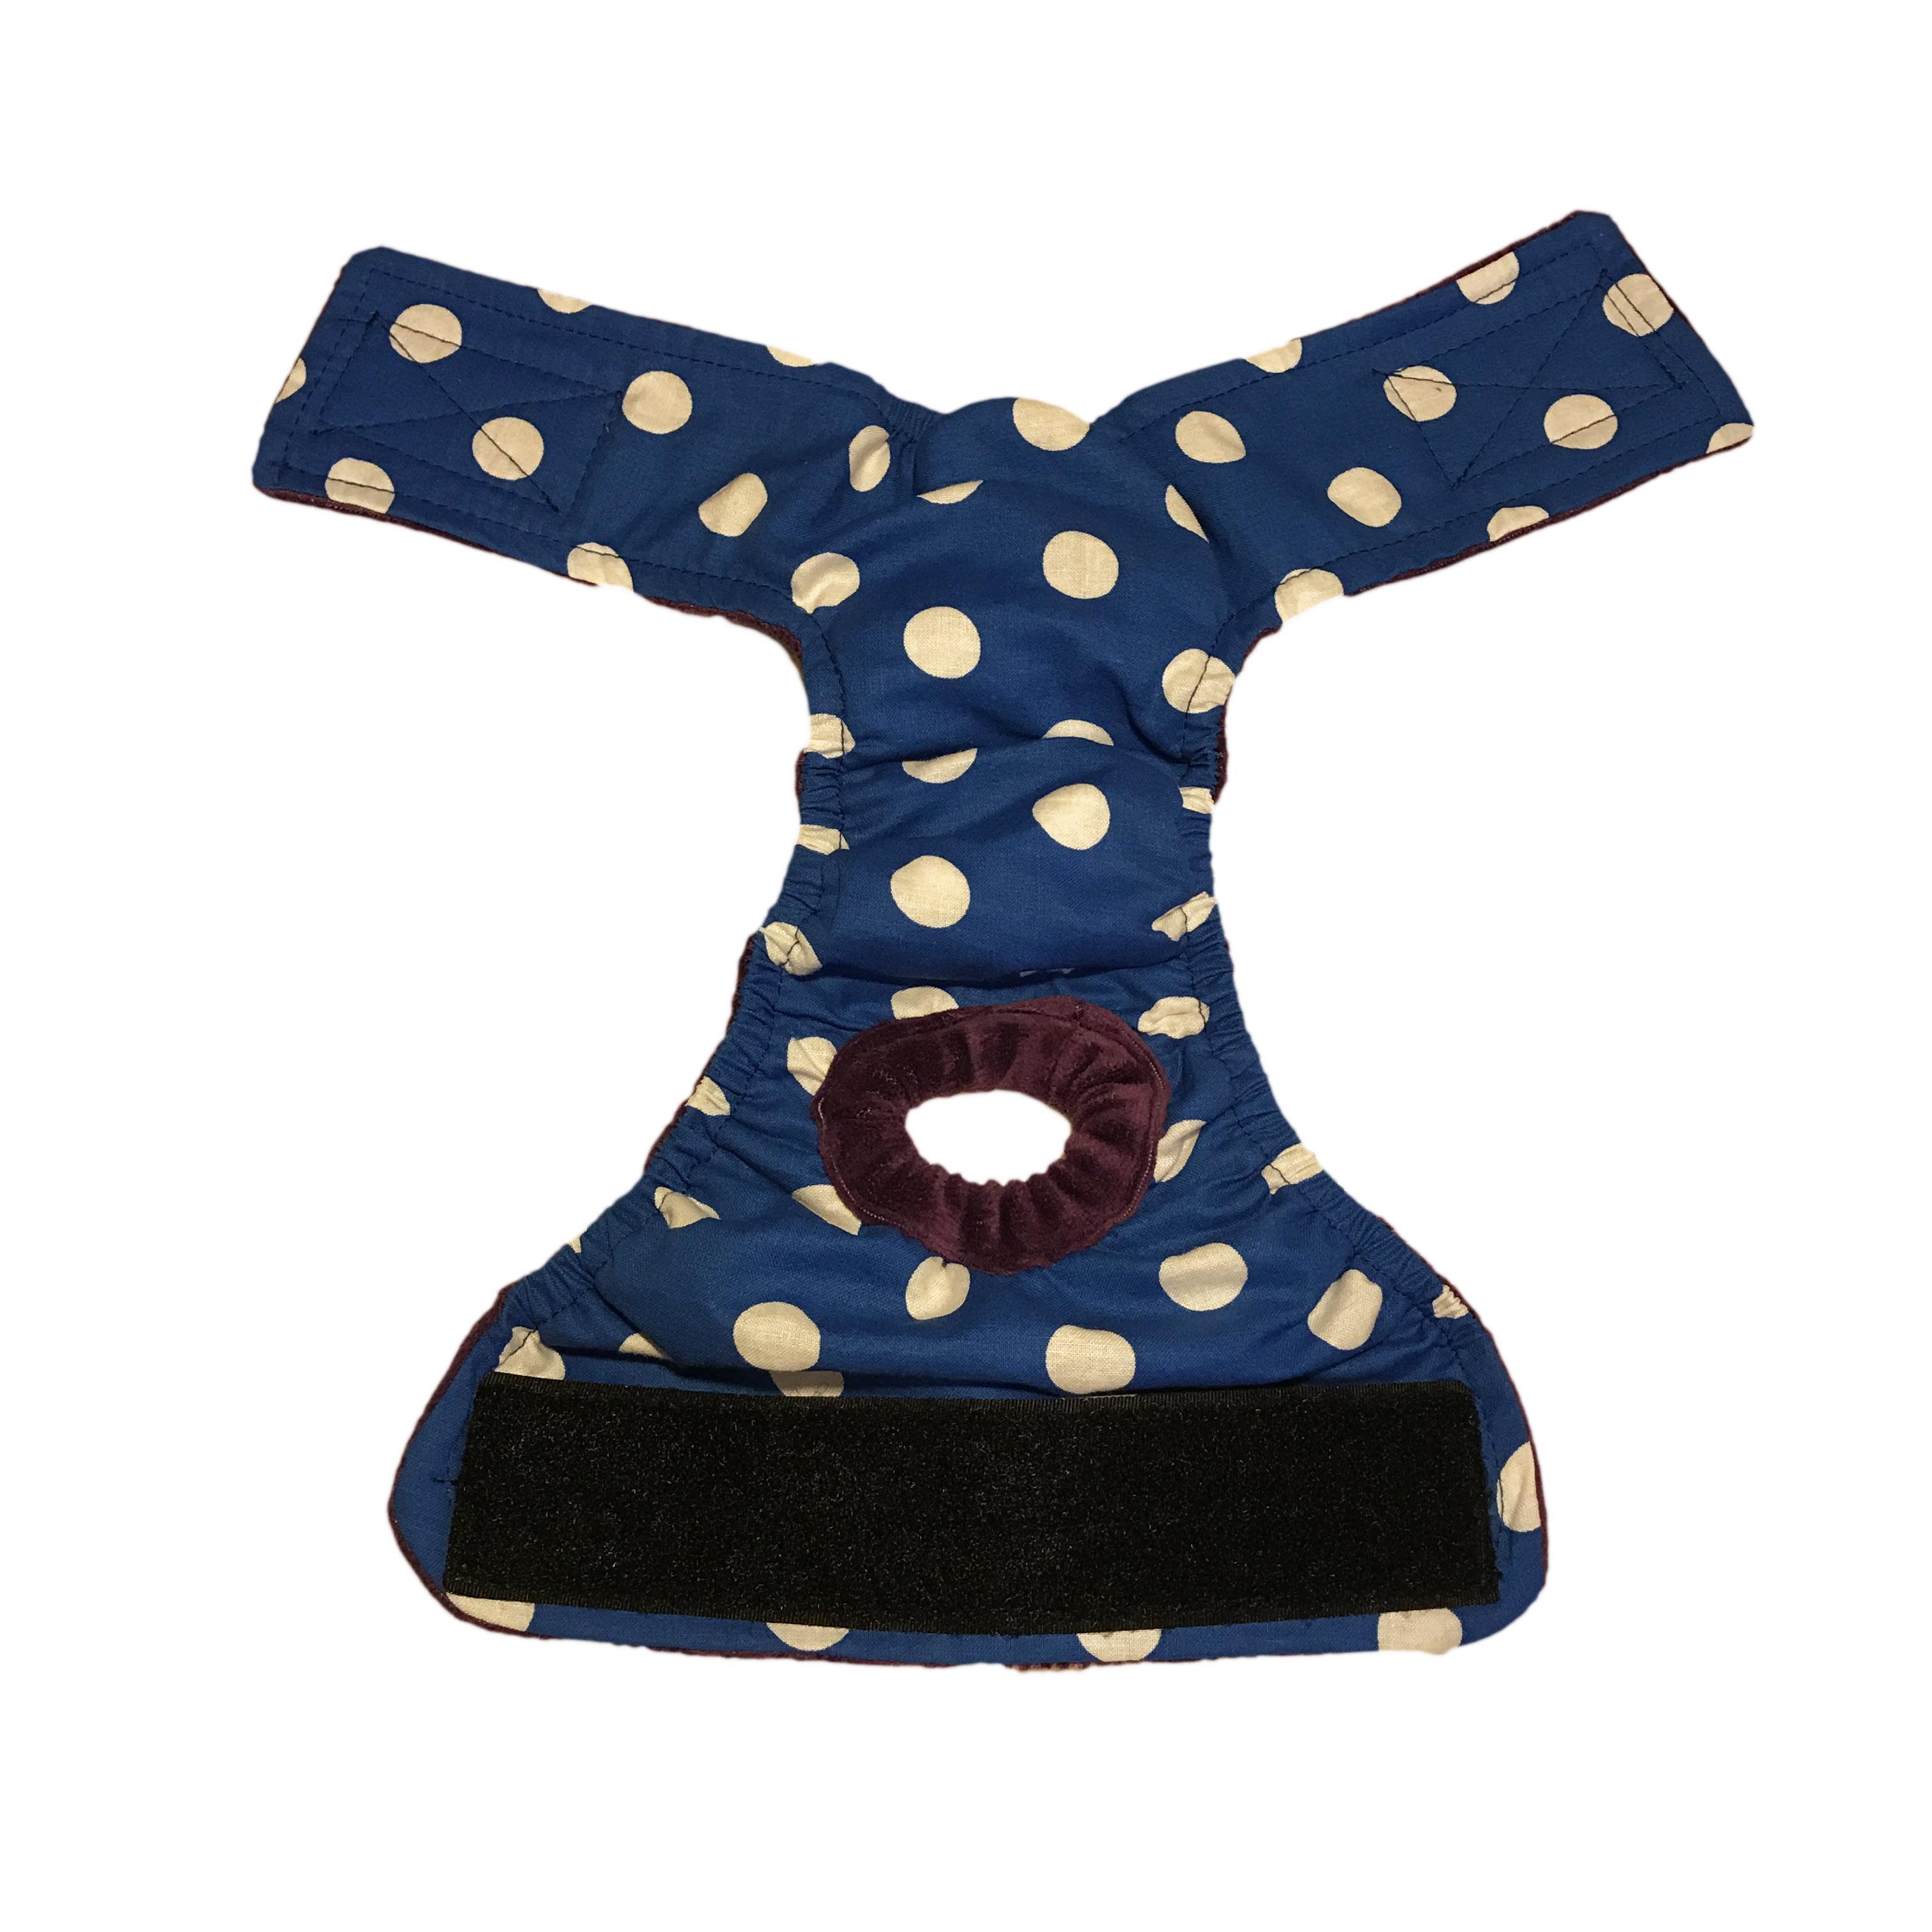 Barkertime White Polka Dot On Blue Washable Cat Diaper